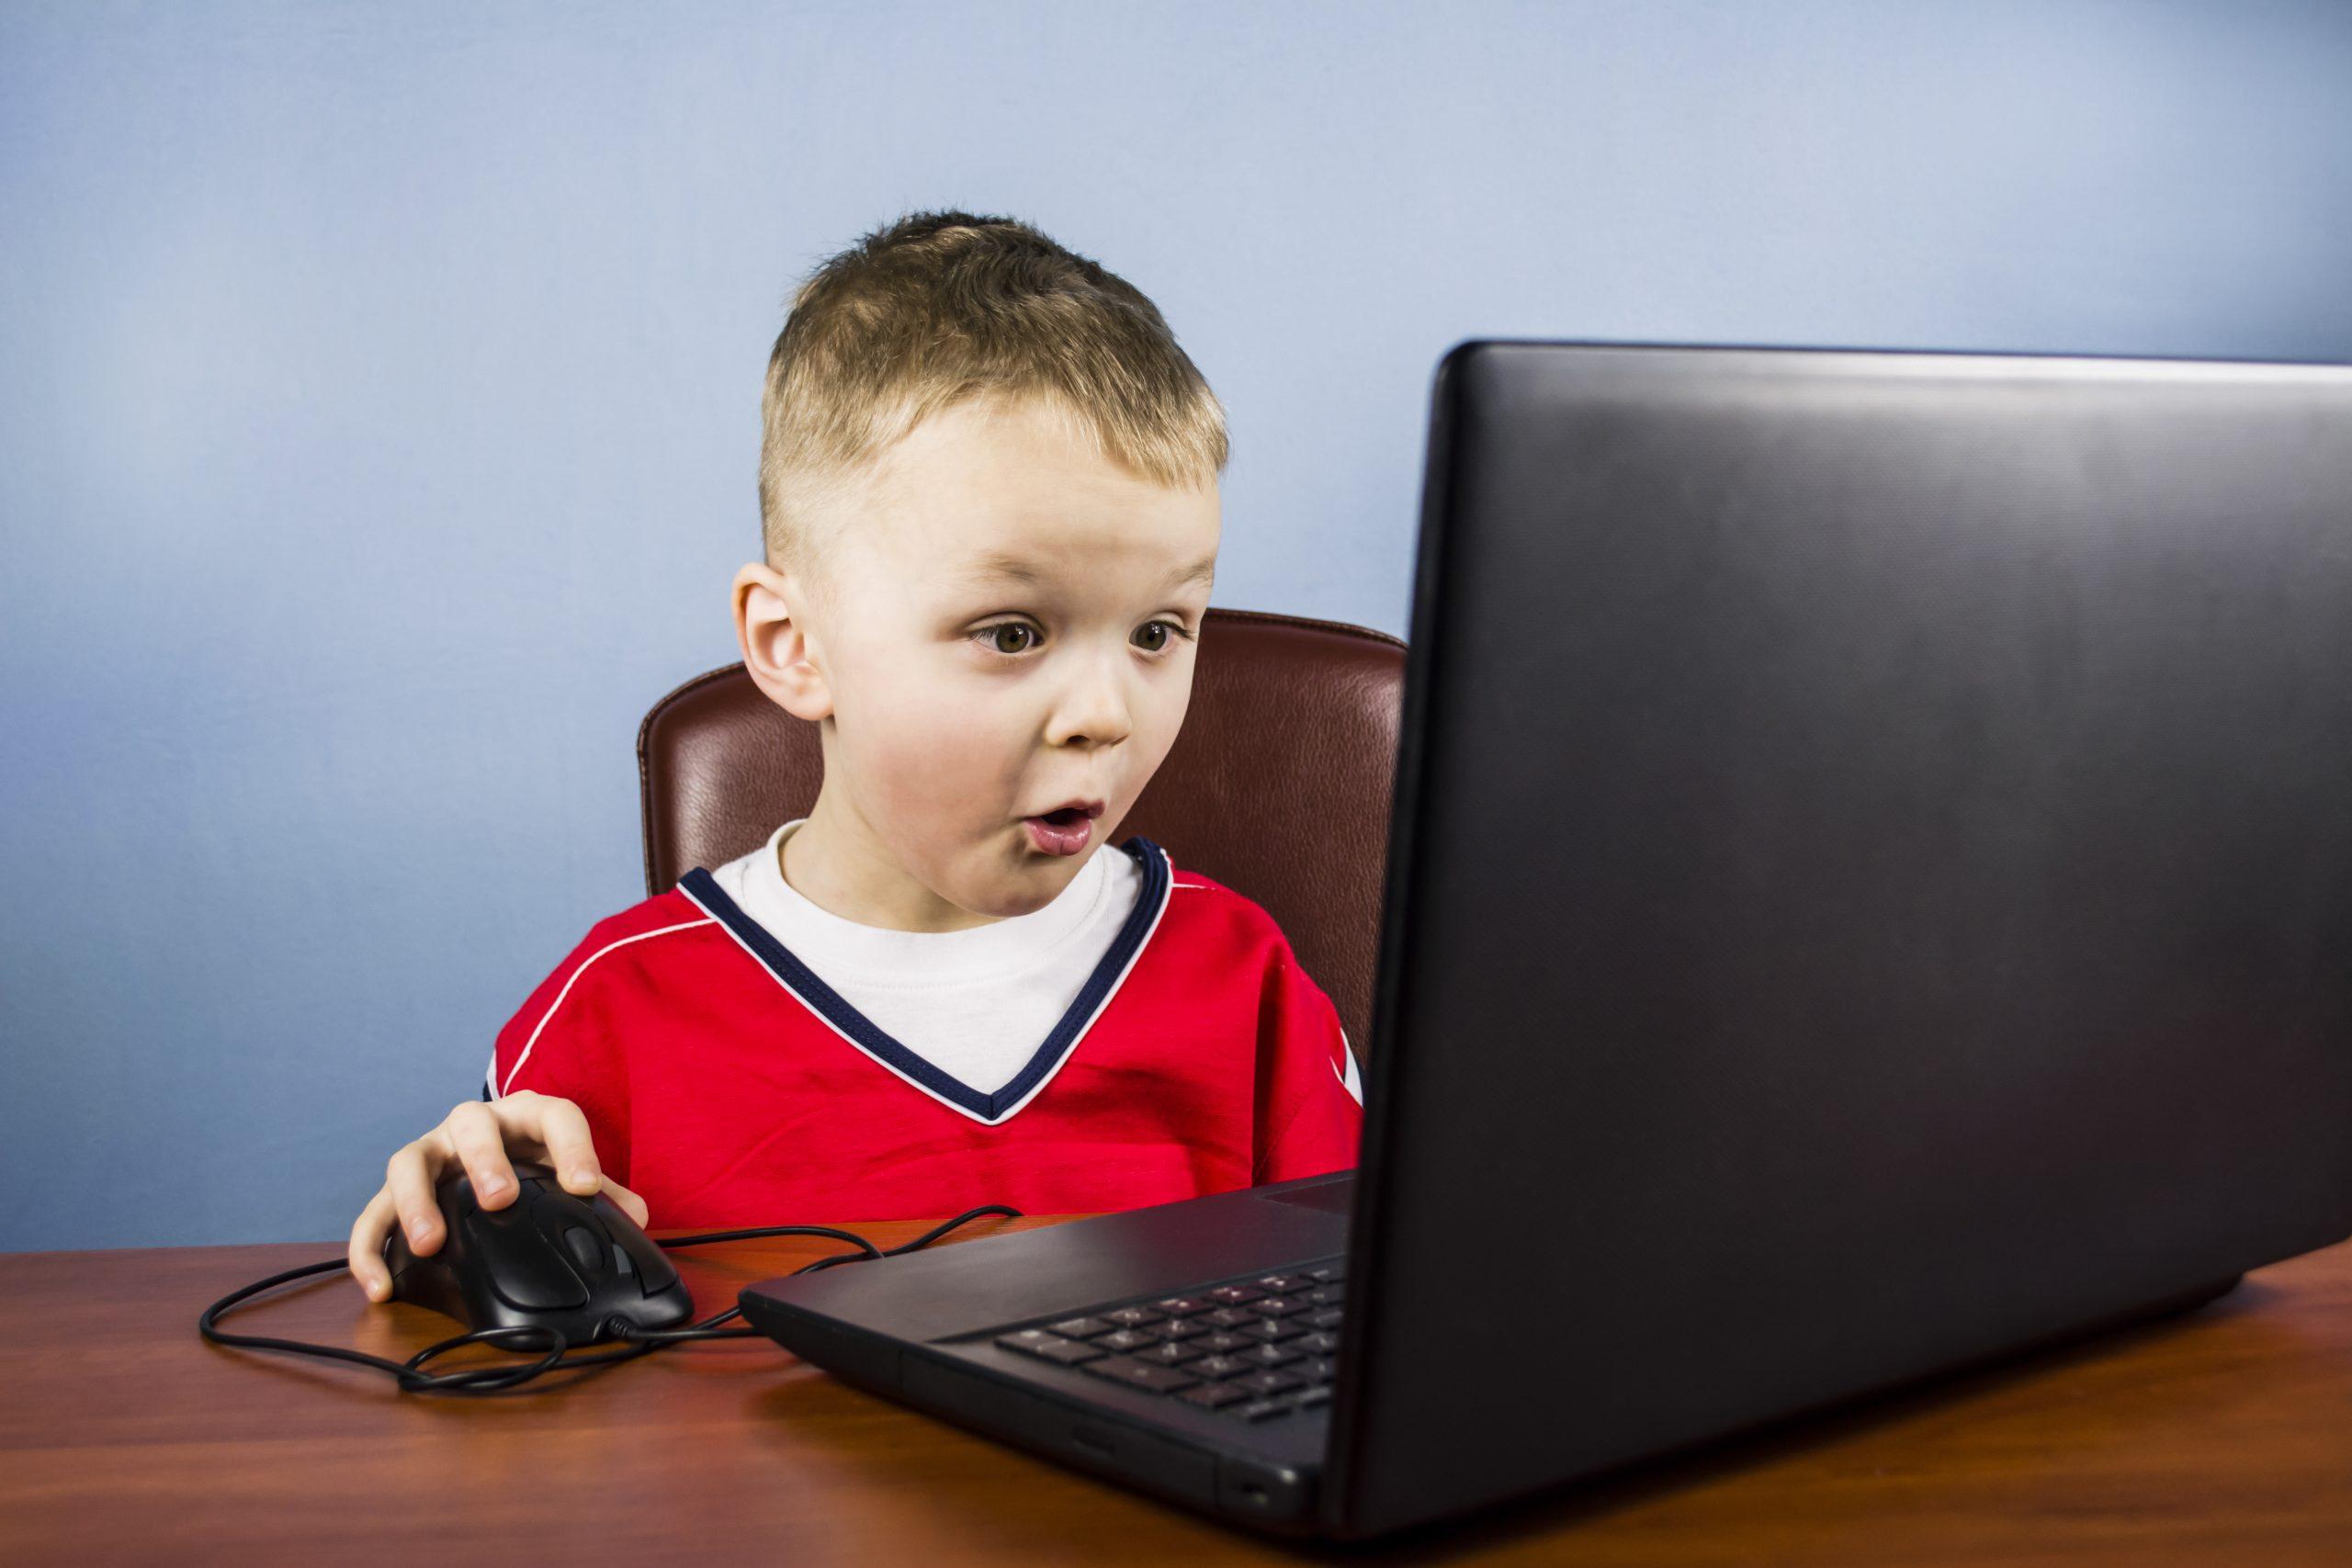 Игры онлайн для детей: весело и увлекательно